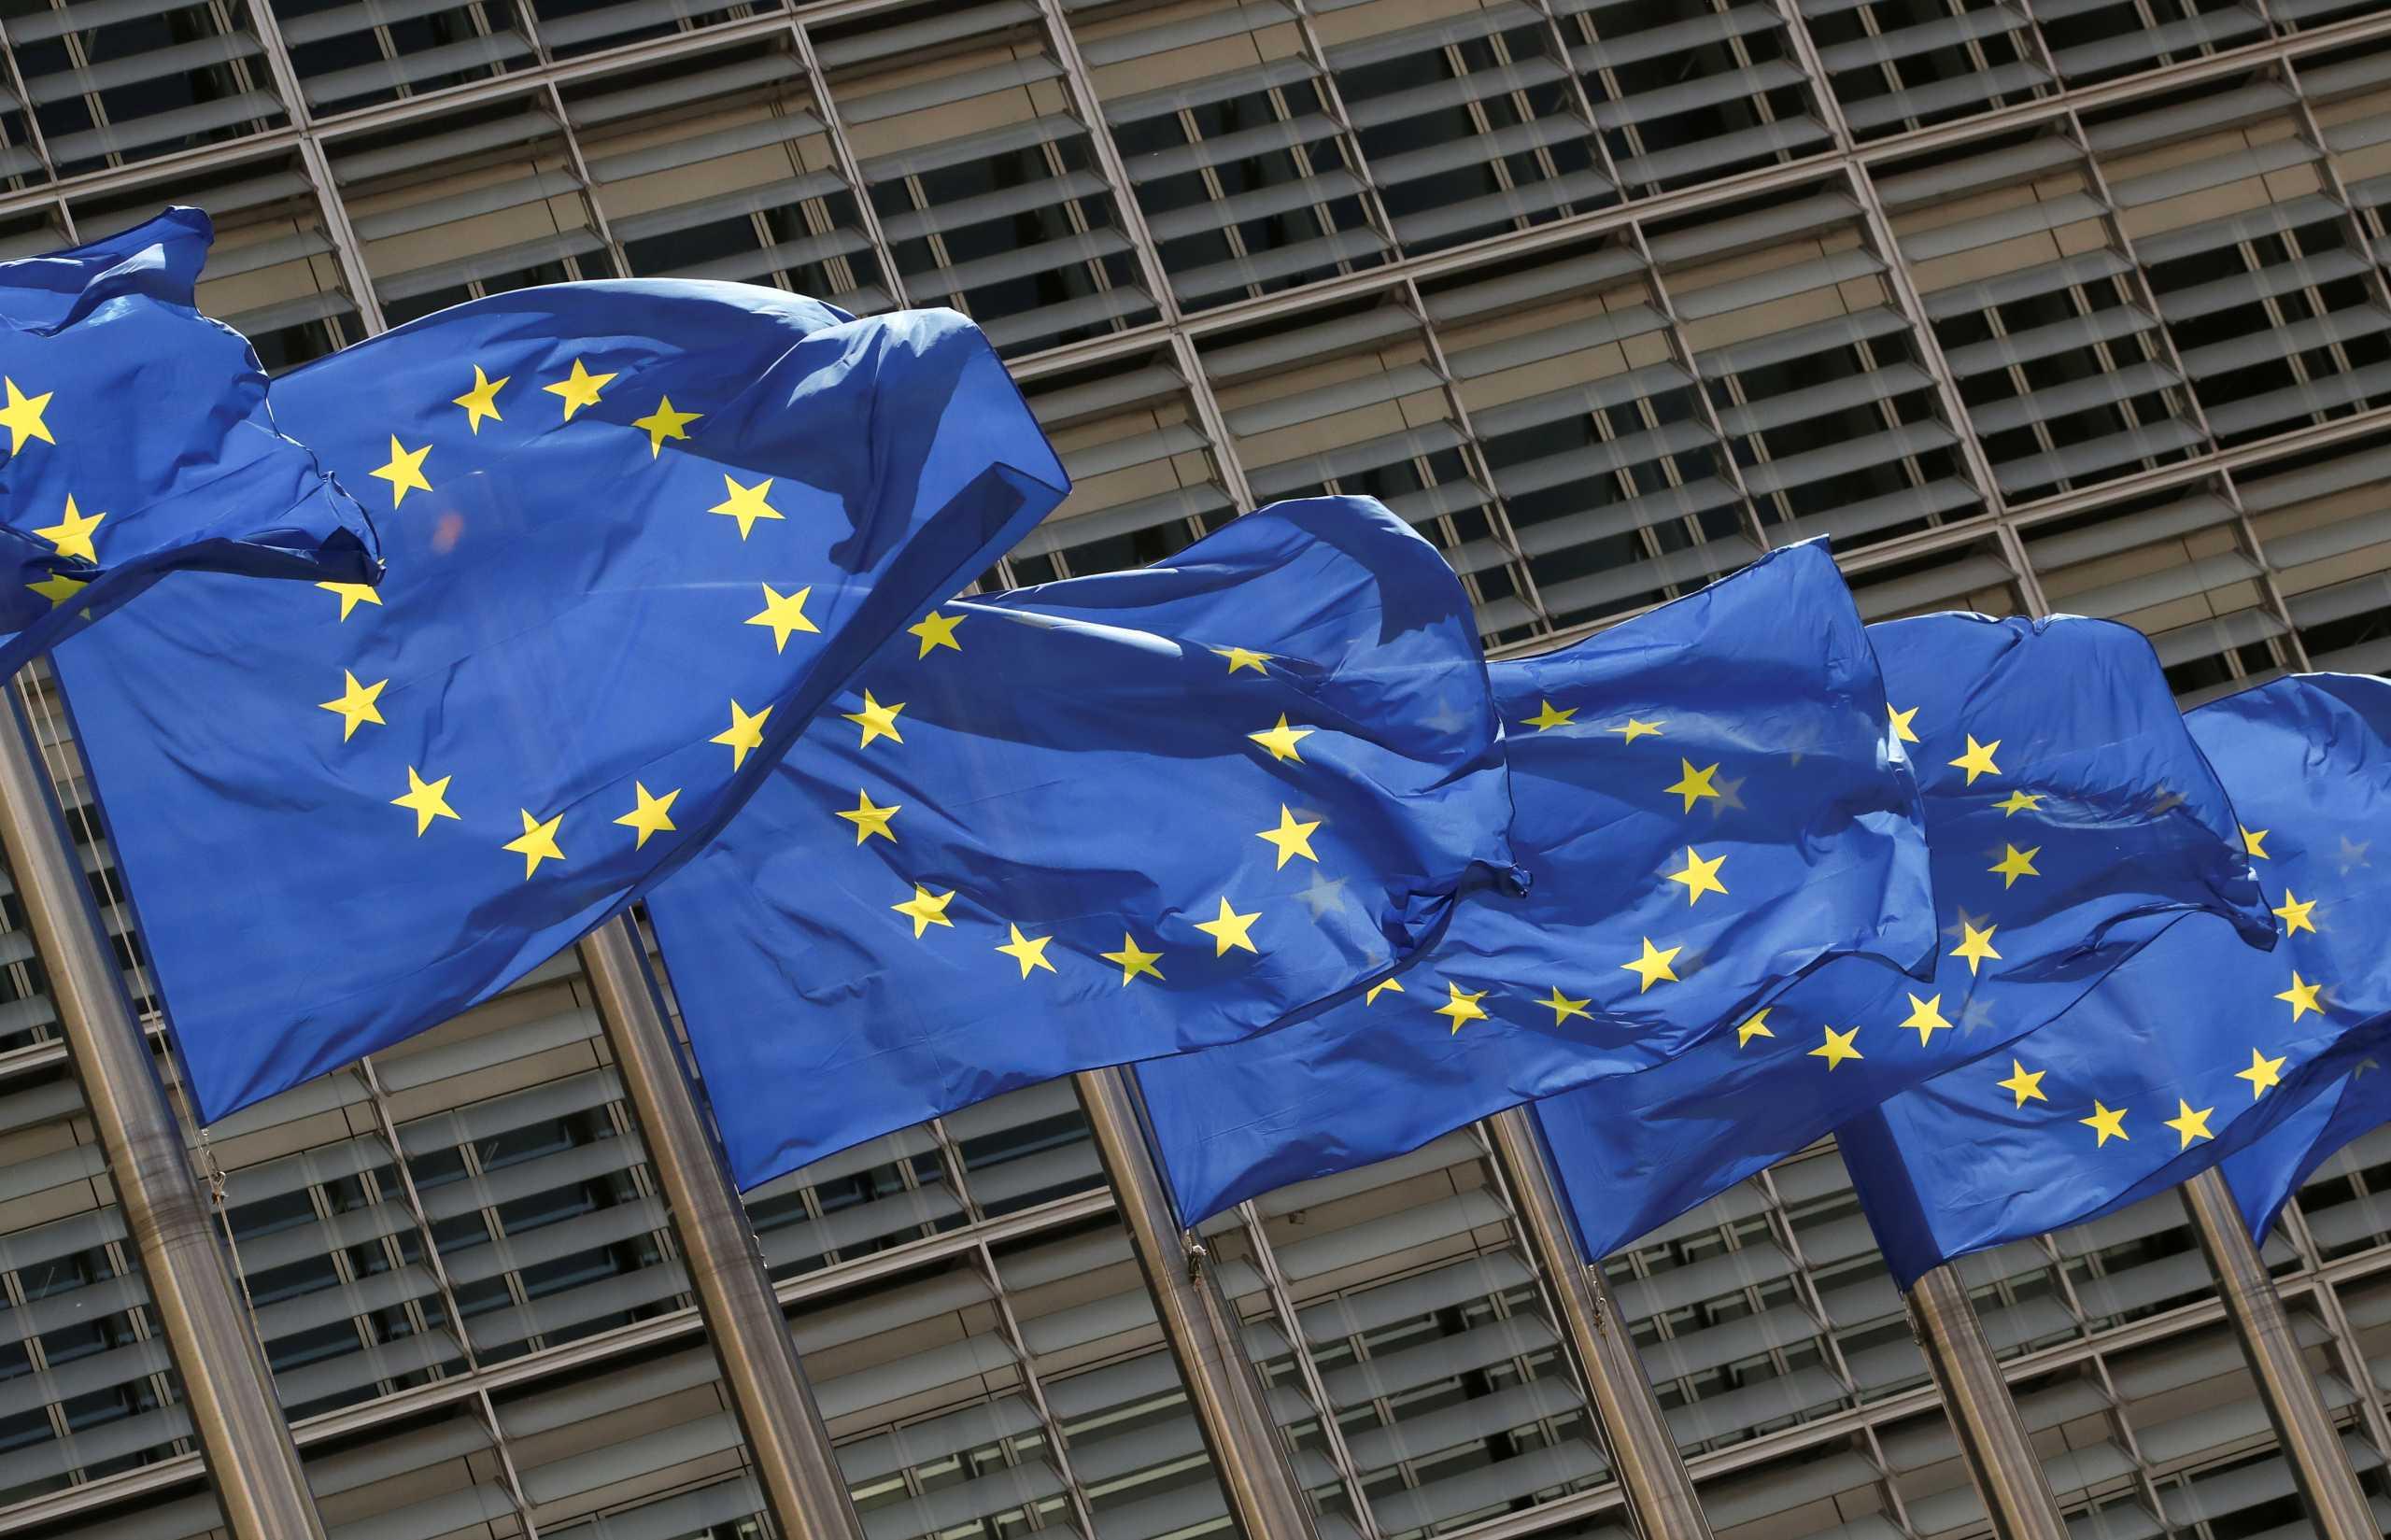 Αυξήσεις σε ρεύμα και φυσικό αέριο: Έφτασε στην Ευρωπαϊκή Επιτροπή το θέμα – «Χρειάζονται συλλογικές λύσεις»